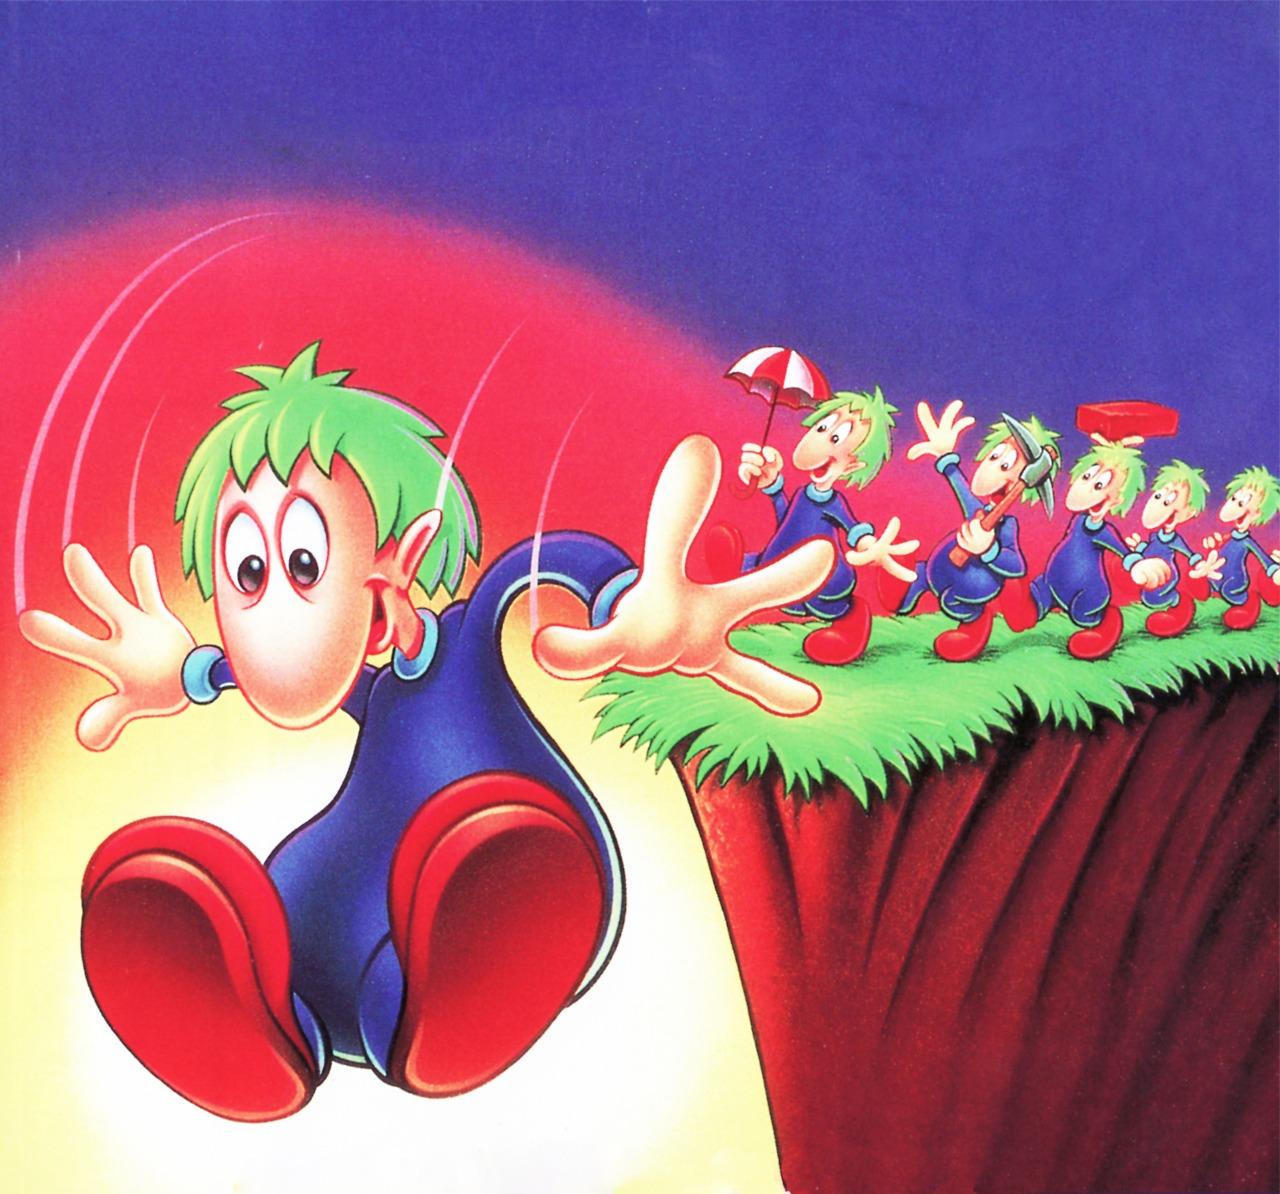 Lemmings-Artwork-lemmings-37107930-1280-1194